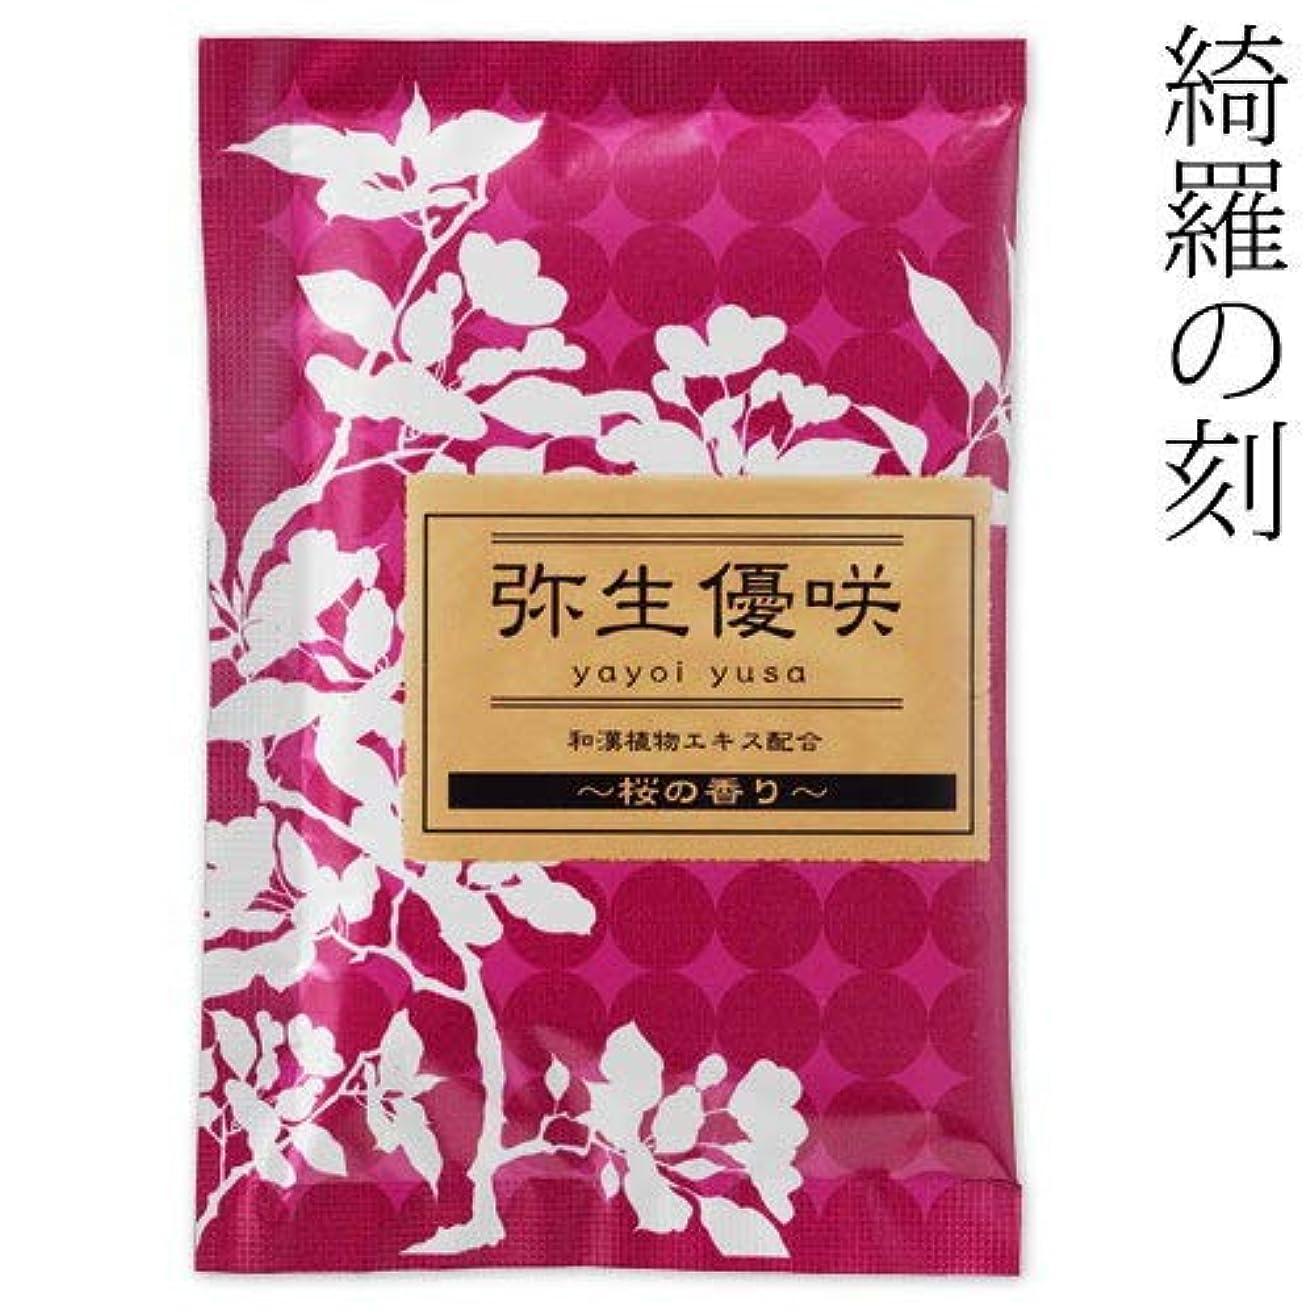 合理的マルコポーロエネルギー入浴剤綺羅の刻桜の香り弥生優咲1包石川県のお風呂グッズBath additive, Ishikawa craft